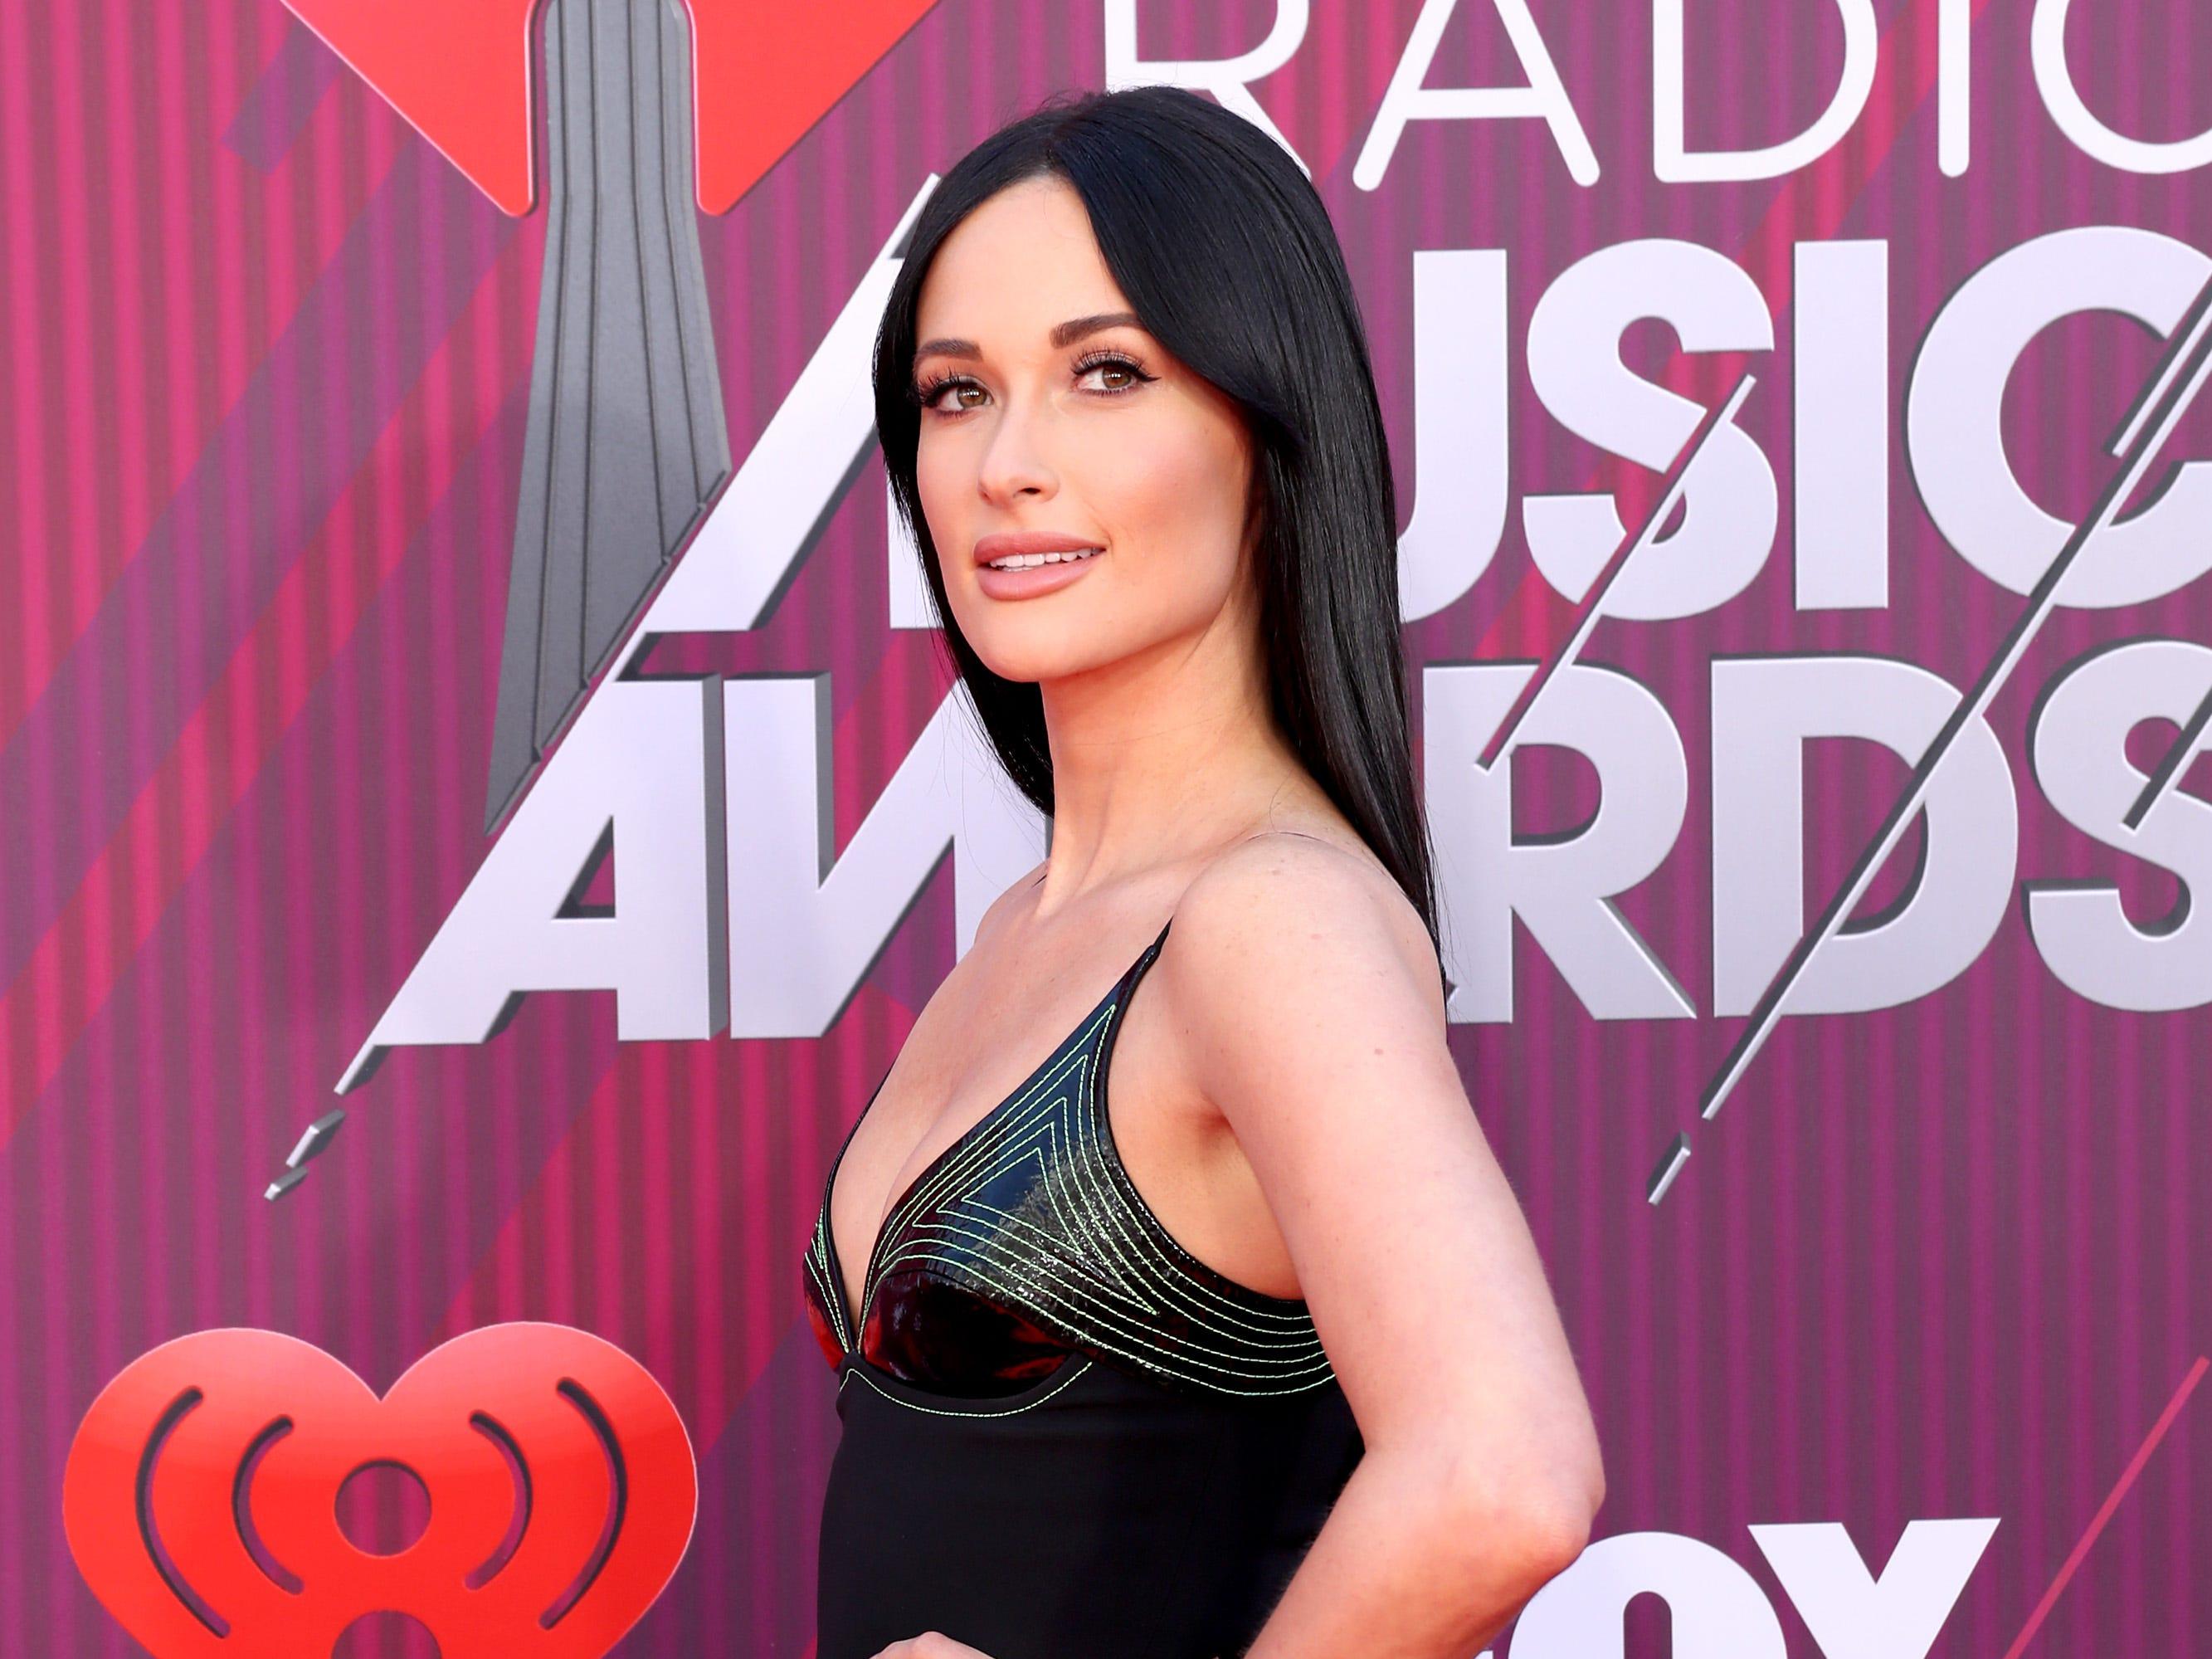 Kacey Musgraves a su llegada a los premios iHeart Radio Music Awards en 2019 el 14 de marzo de 2019 en Los Angeles, California.